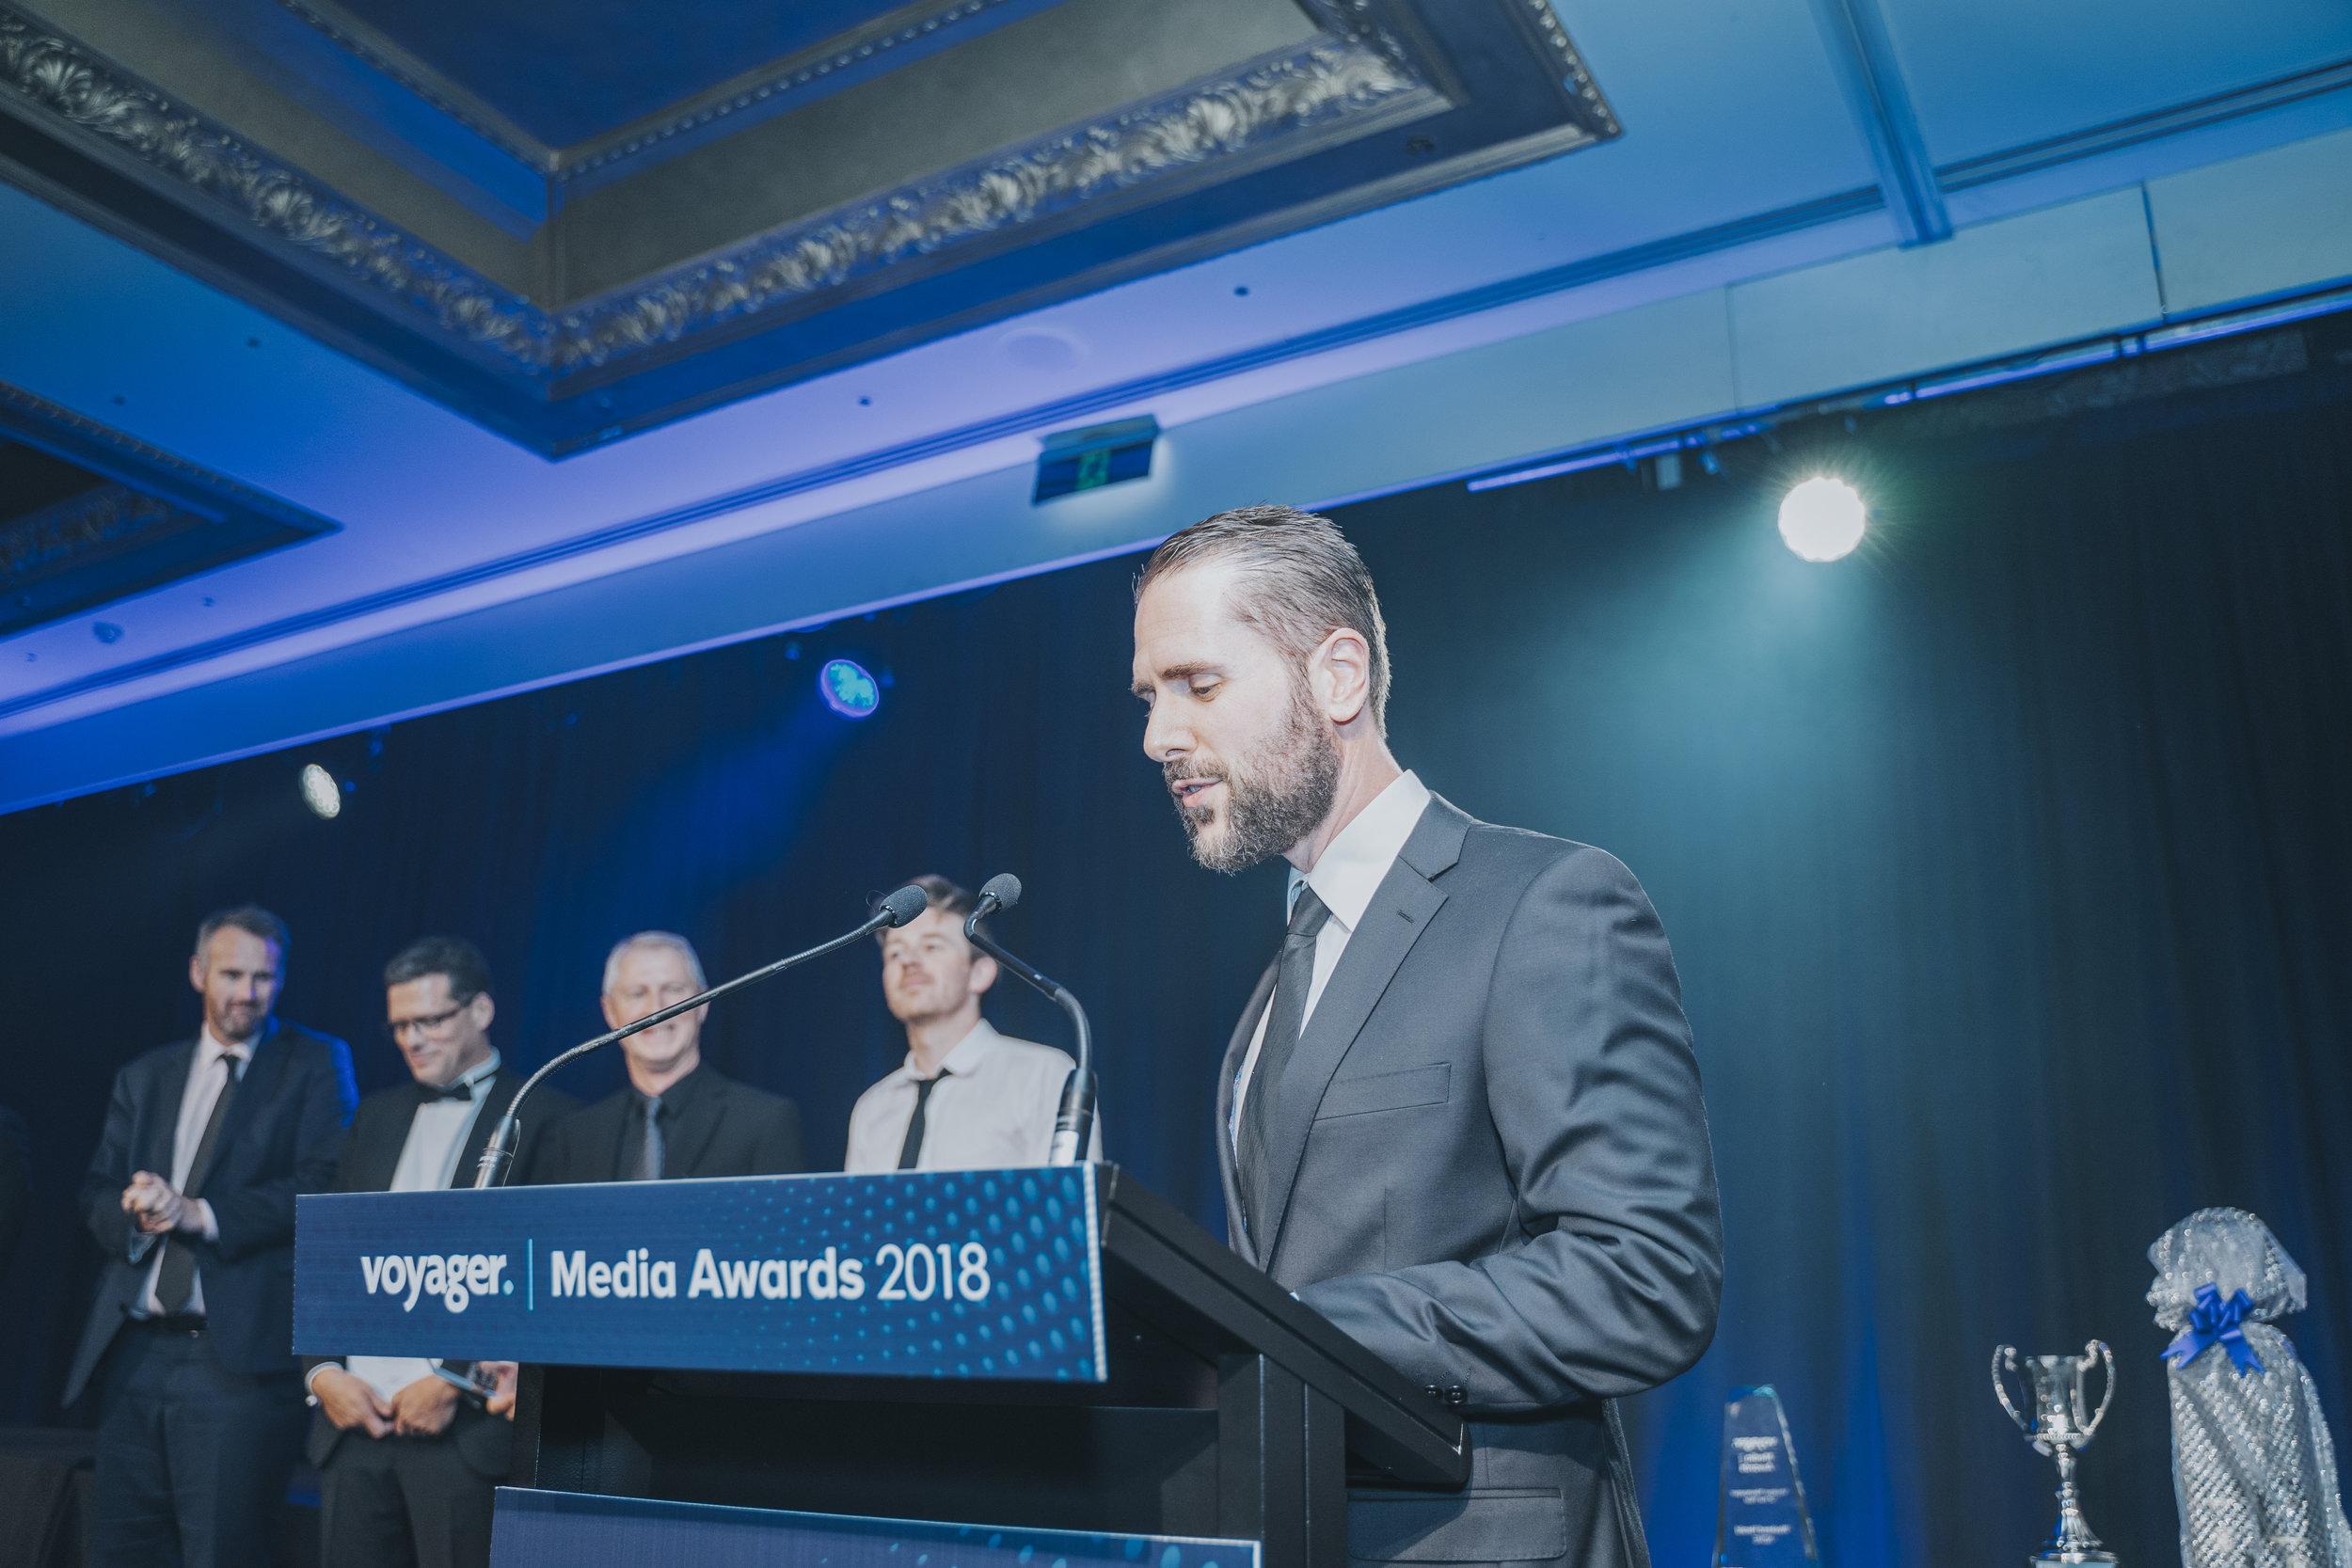 Voyager Media Awards 2018-409.JPG